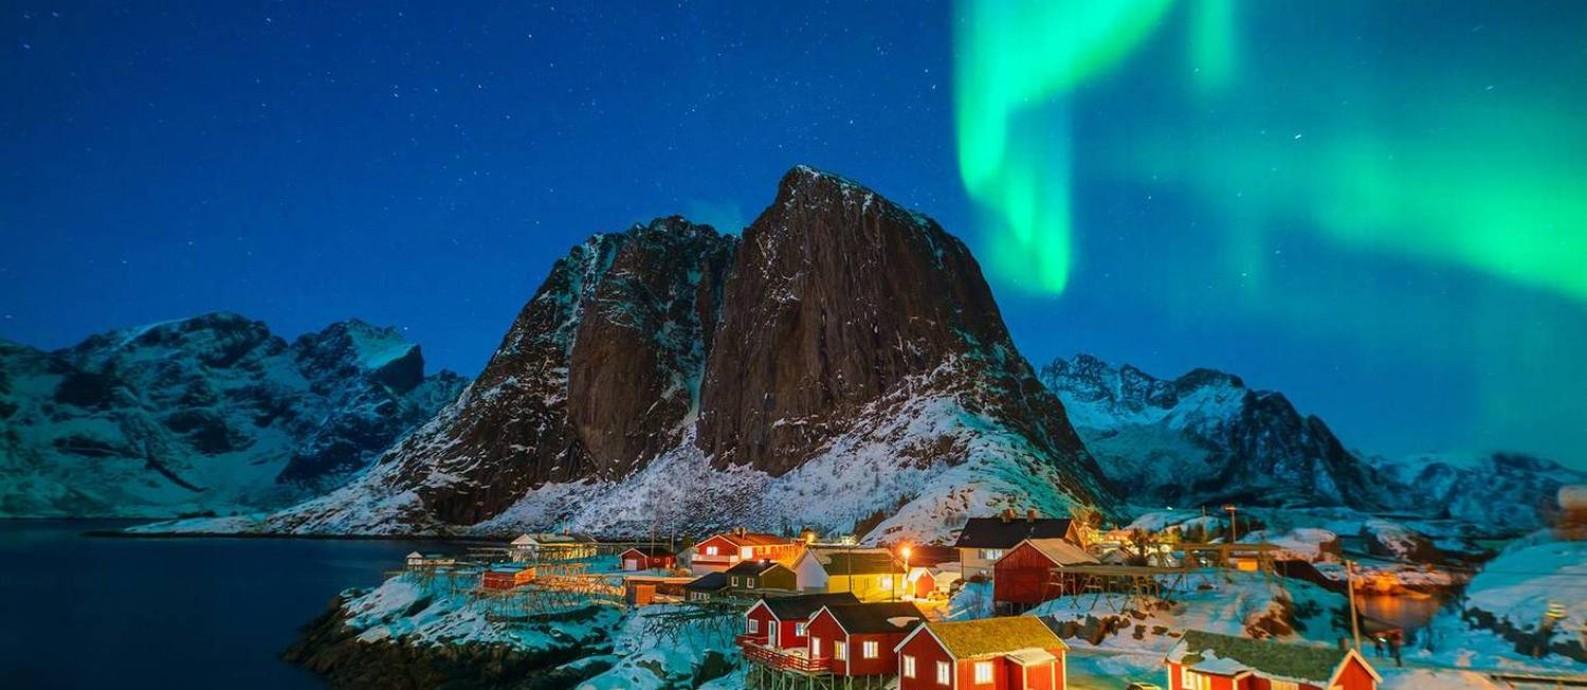 Arquipélago onde aconteceria a extração é considerado maravilha natural, na Noruega Foto: Reprodução